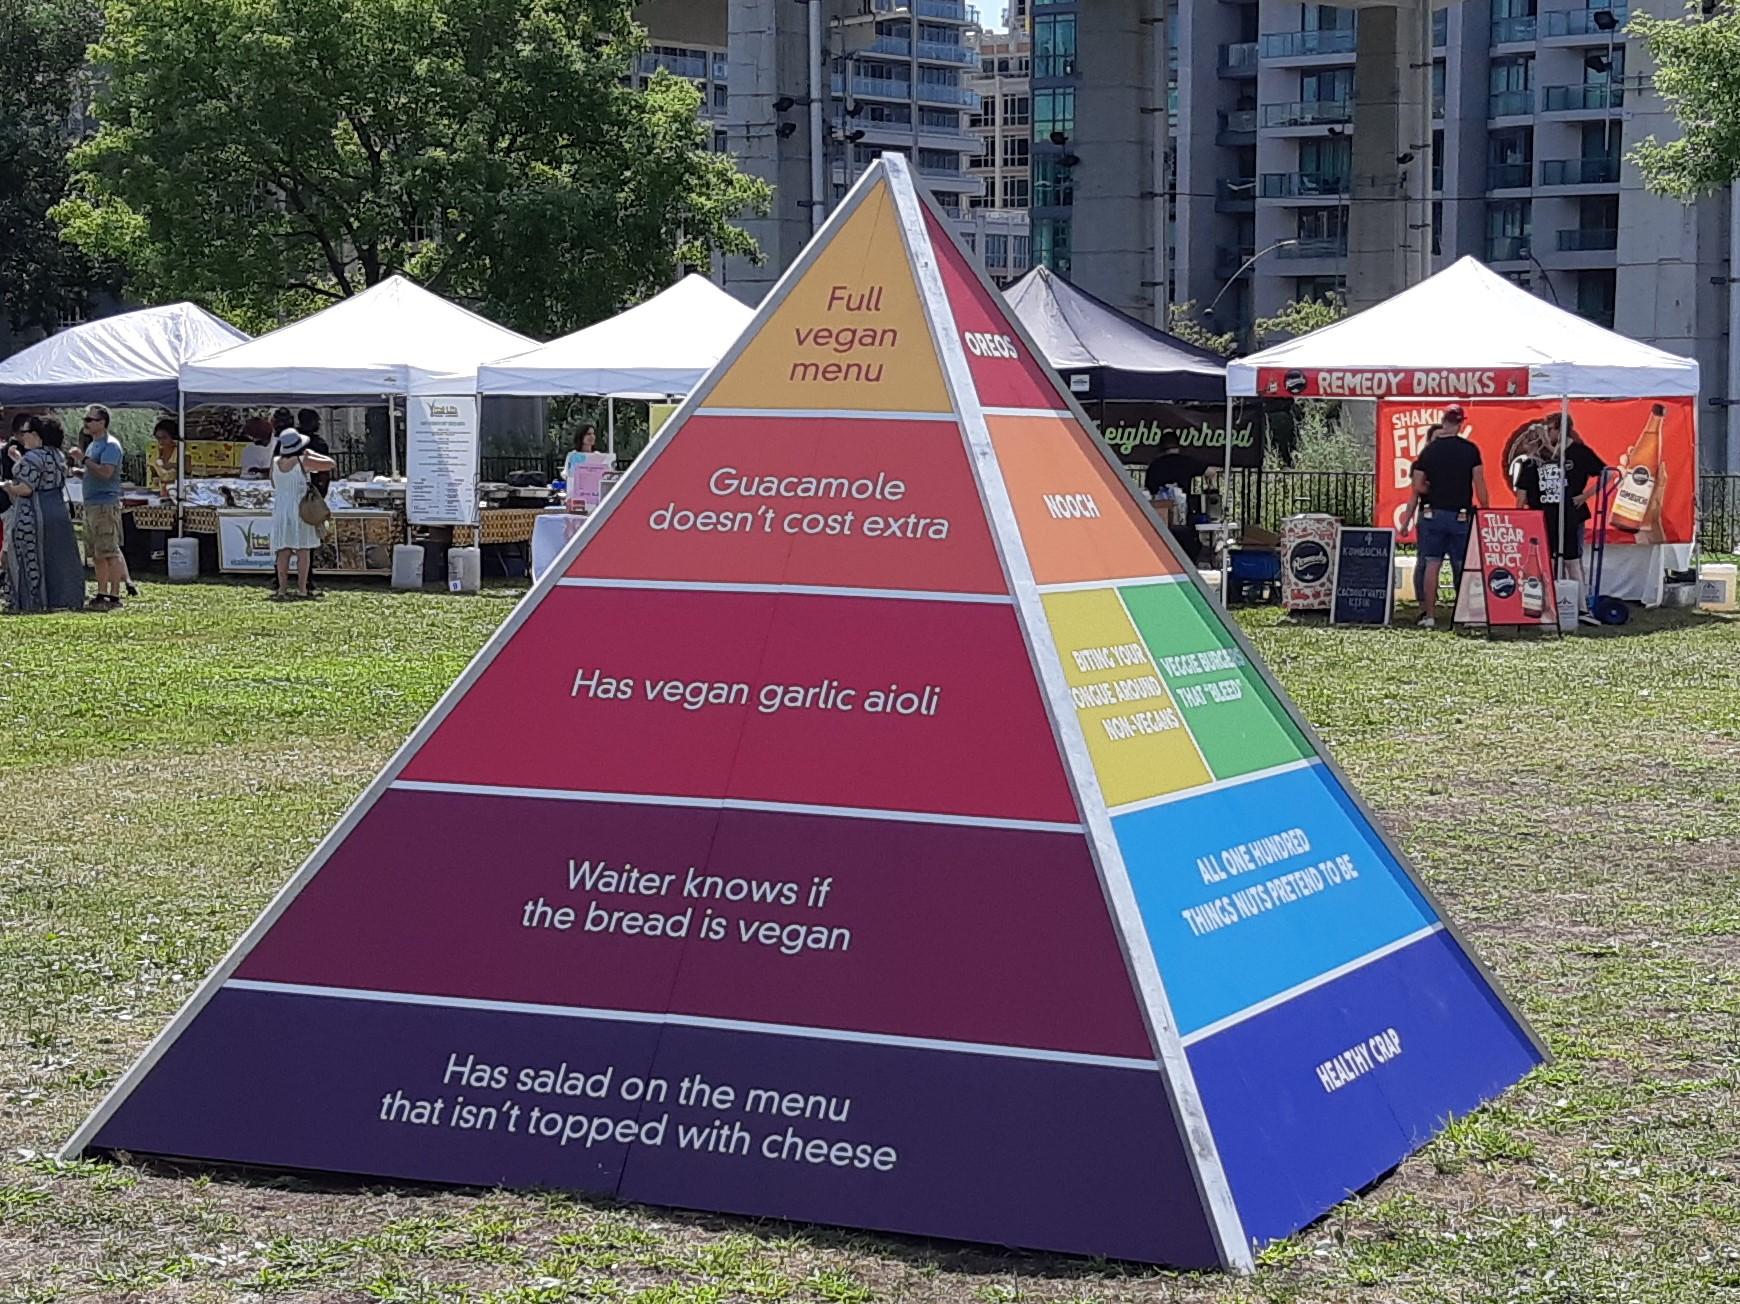 AterImber.com - The Veg Life - Vegandale Festival 2019 Review - Vegan Pyramid